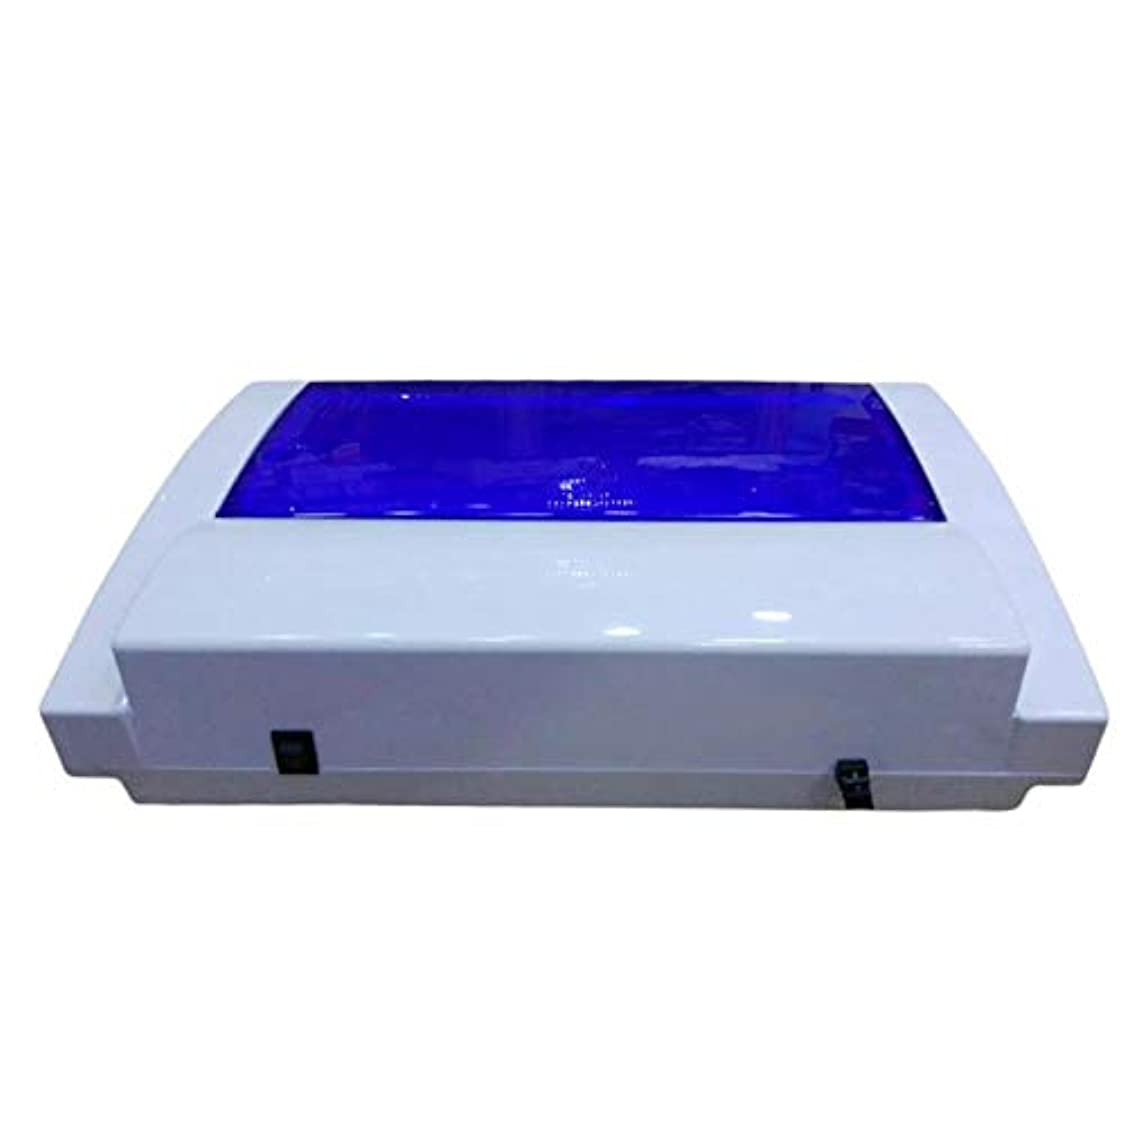 ミネラルお風呂を持っている神経ネイル殺菌装置UV消毒キャビネット高温ドライヤーネイルマニキュアサロンツール治療消毒機